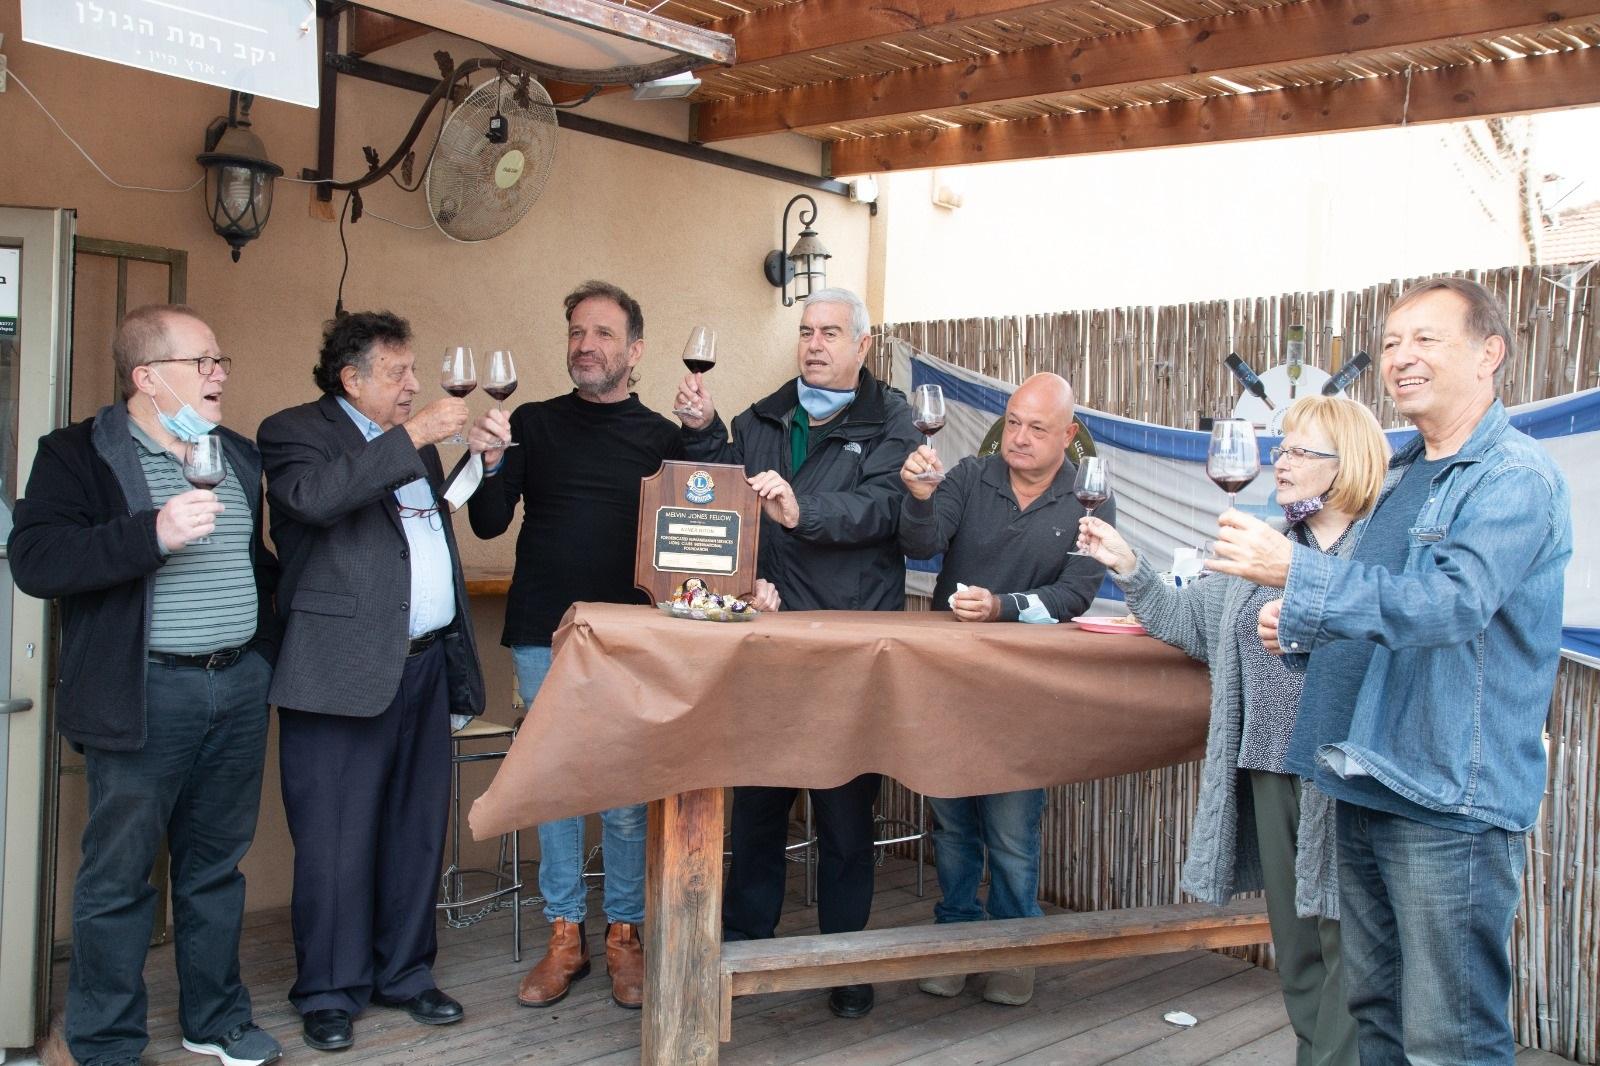 מתנדבי מועדון ליונס כפר סבא חילקו מגן למתנדבים בקהילה